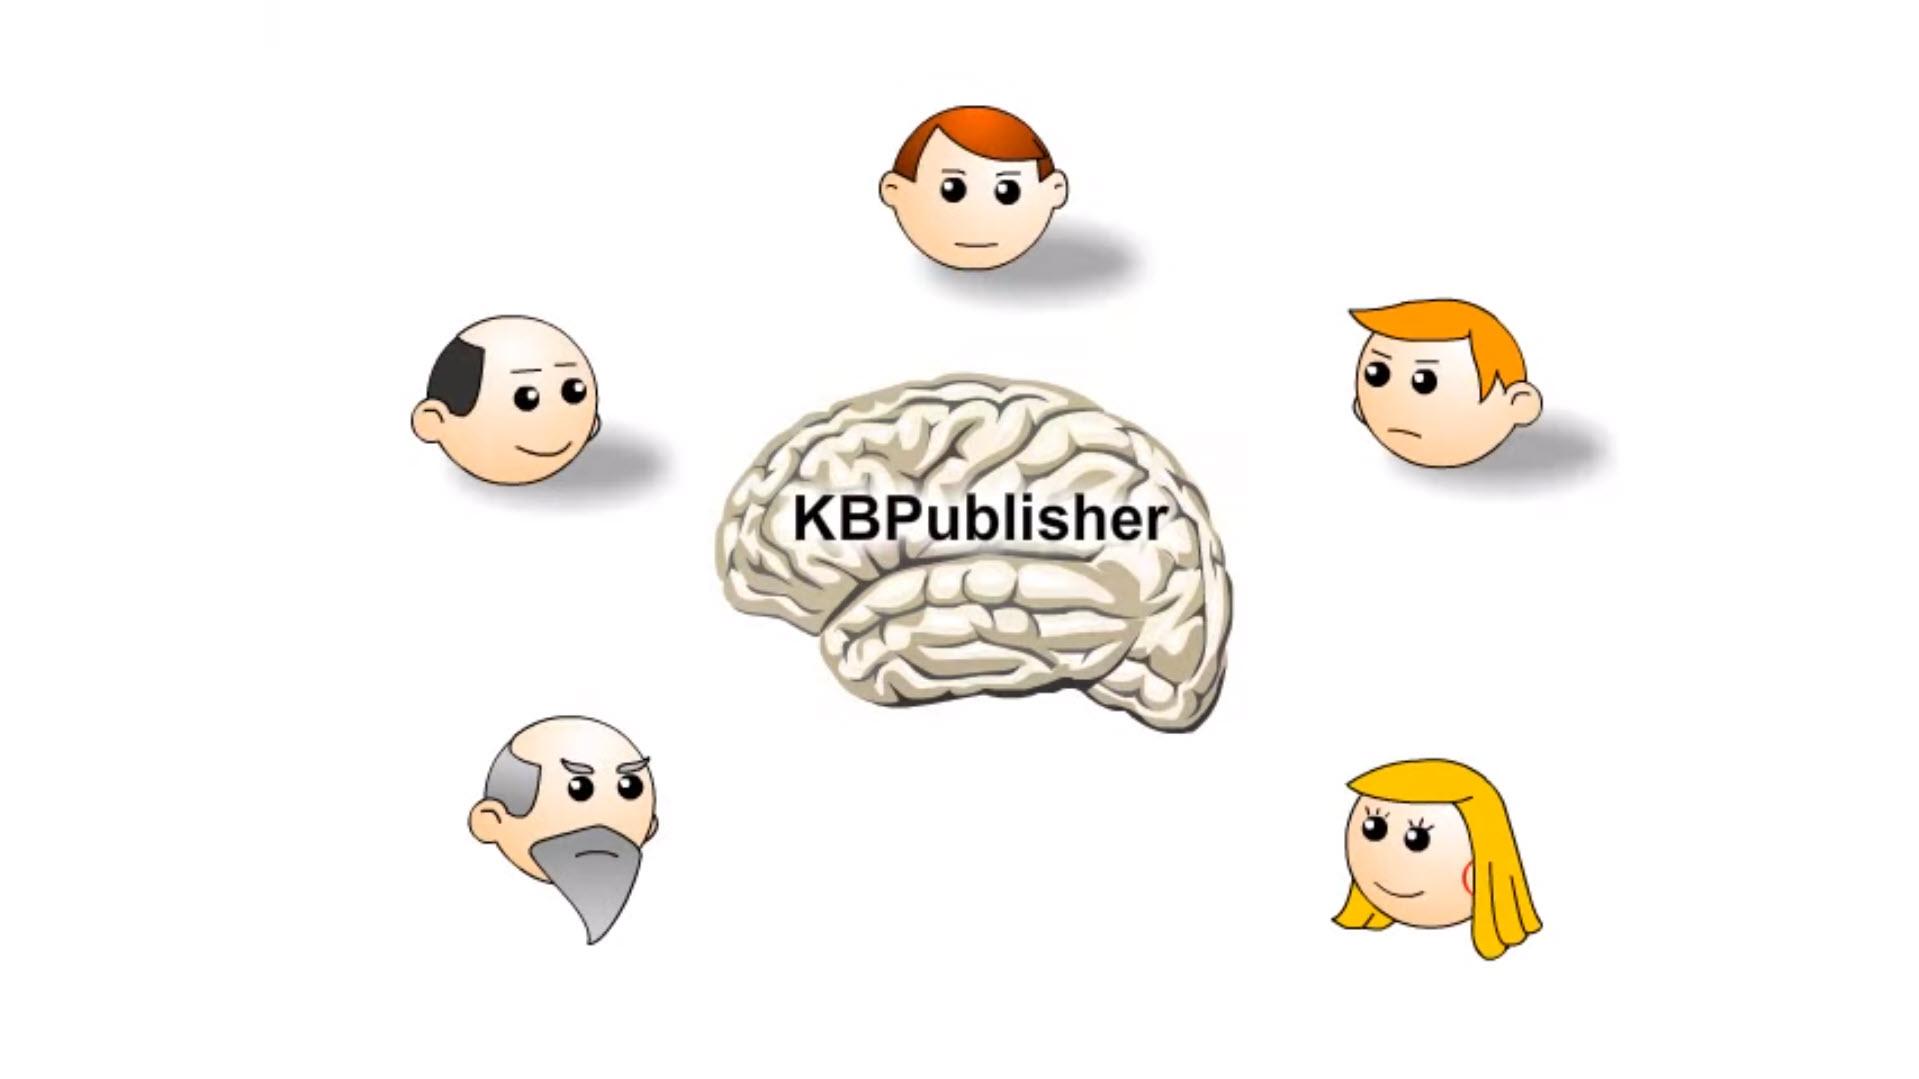 KBPublisher